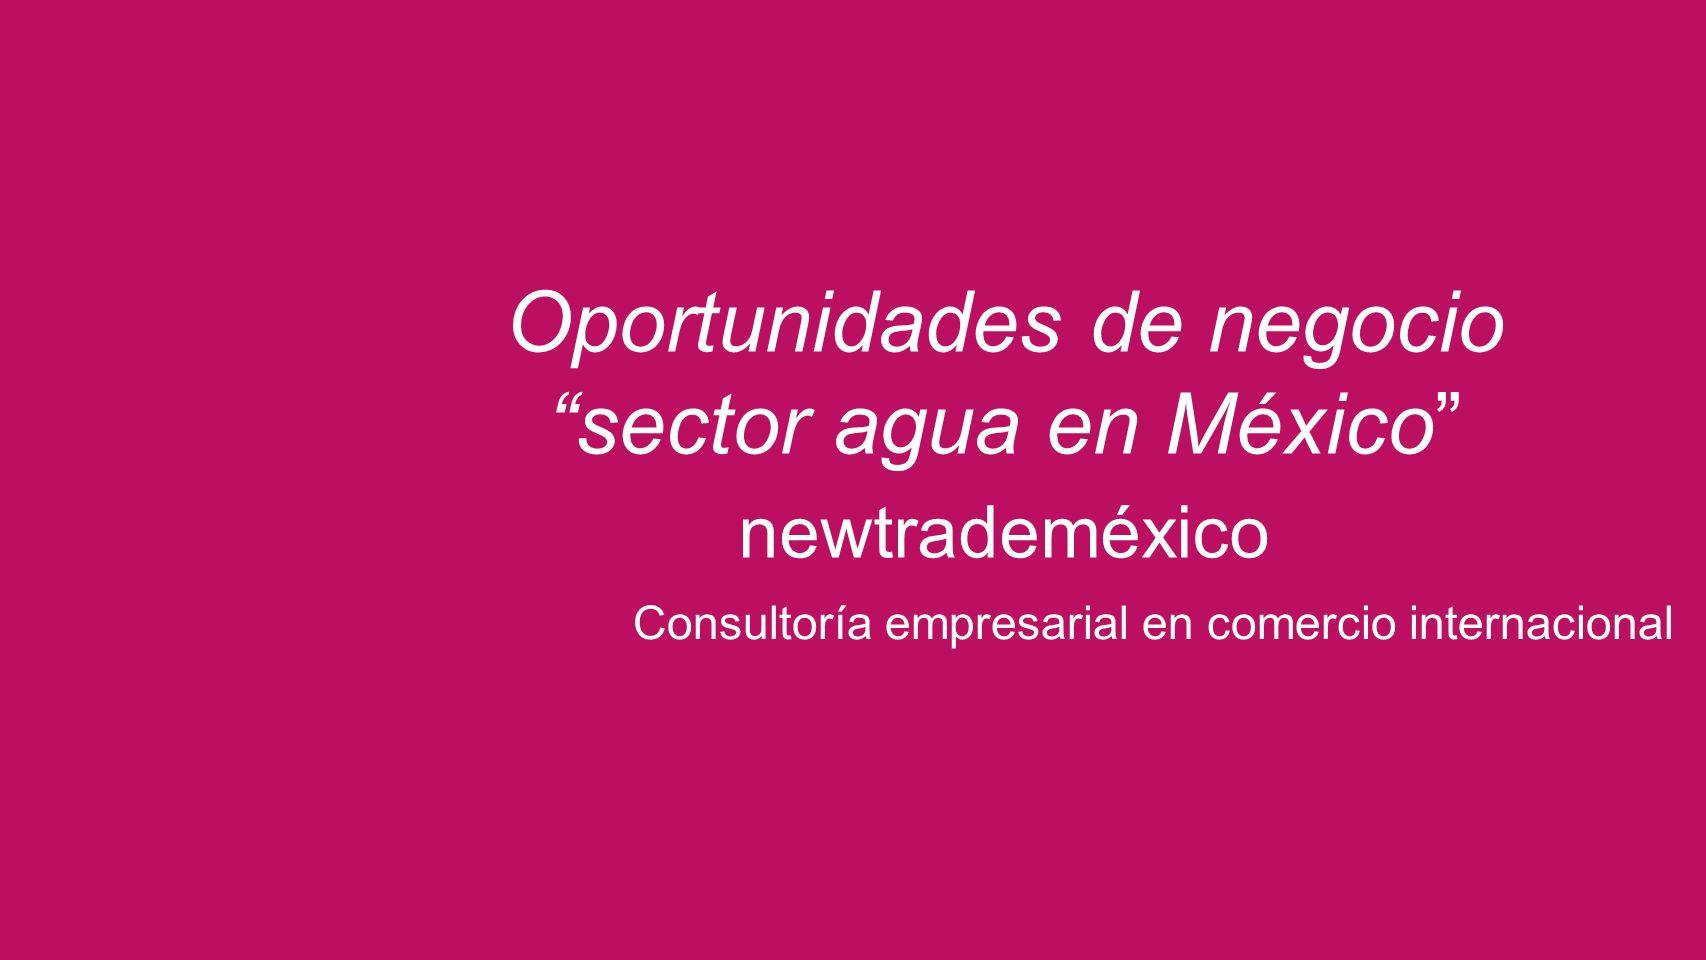 Consultoría empresarial en comercio internacional Oportunidades de negocio sector agua en México newtrademéxico